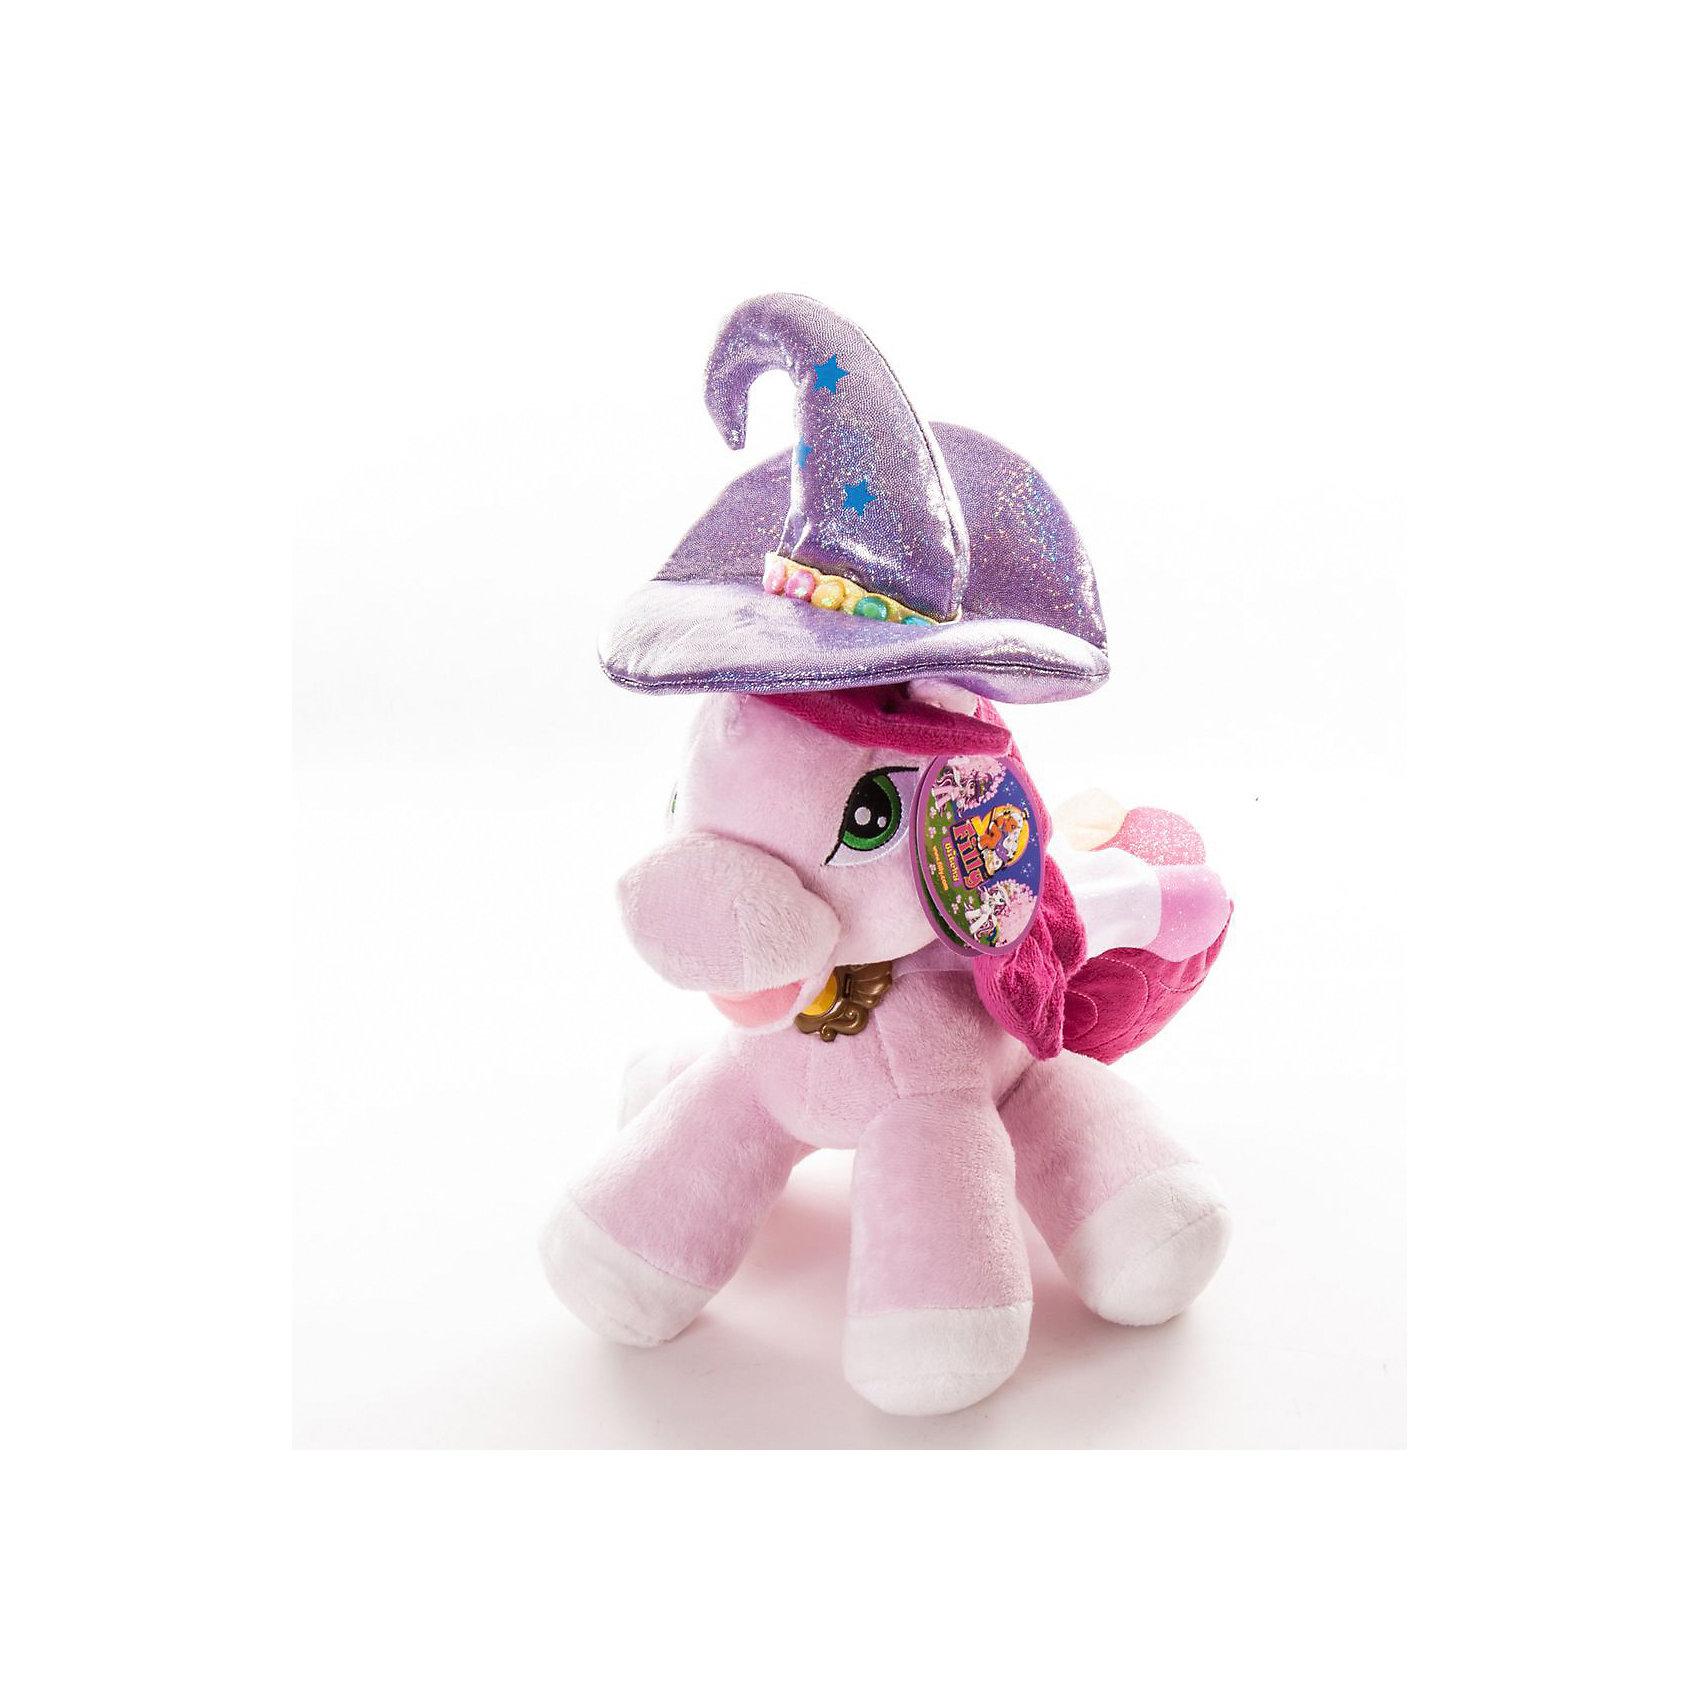 Мягкая игрушка лошадка Ведьма Кадабра, FillyМягкая игрушка лошадка Ведьма Кадабра Filly (Филли) станет замечательным подарком для Вашей девочки, особенно если она является поклонницей волшебных лошадок Филли.<br><br>Милая плюшевая Лошадка Кадабра очень мягкая и приятная на ощупь. У нее зеленые глазки, остроконечная волшебная шляпа со звездами и разноцветными бусинами, а на шее - магический кристалл, с помощью которого она может колдовать. Игрушка выполнена в нежных розовых тонах. Данная модель способствует развитию воображения и тактильной чувствительности у детей.<br><br>Дополнительная информация:<br><br>- Материал: ткань, пластик.<br>- Размер лошадки: 25 см. <br>- Размер упаковки: 20 x 23 x 11 см.<br>- Вес: 0,168 кг. <br><br>Мягкую игрушку лошадку Ведьма Кадабра Filly  можно купить в нашем интернет-магазине.<br><br>Ширина мм: 245<br>Глубина мм: 185<br>Высота мм: 96<br>Вес г: 127<br>Возраст от месяцев: 36<br>Возраст до месяцев: 36<br>Пол: Женский<br>Возраст: Детский<br>SKU: 2619388